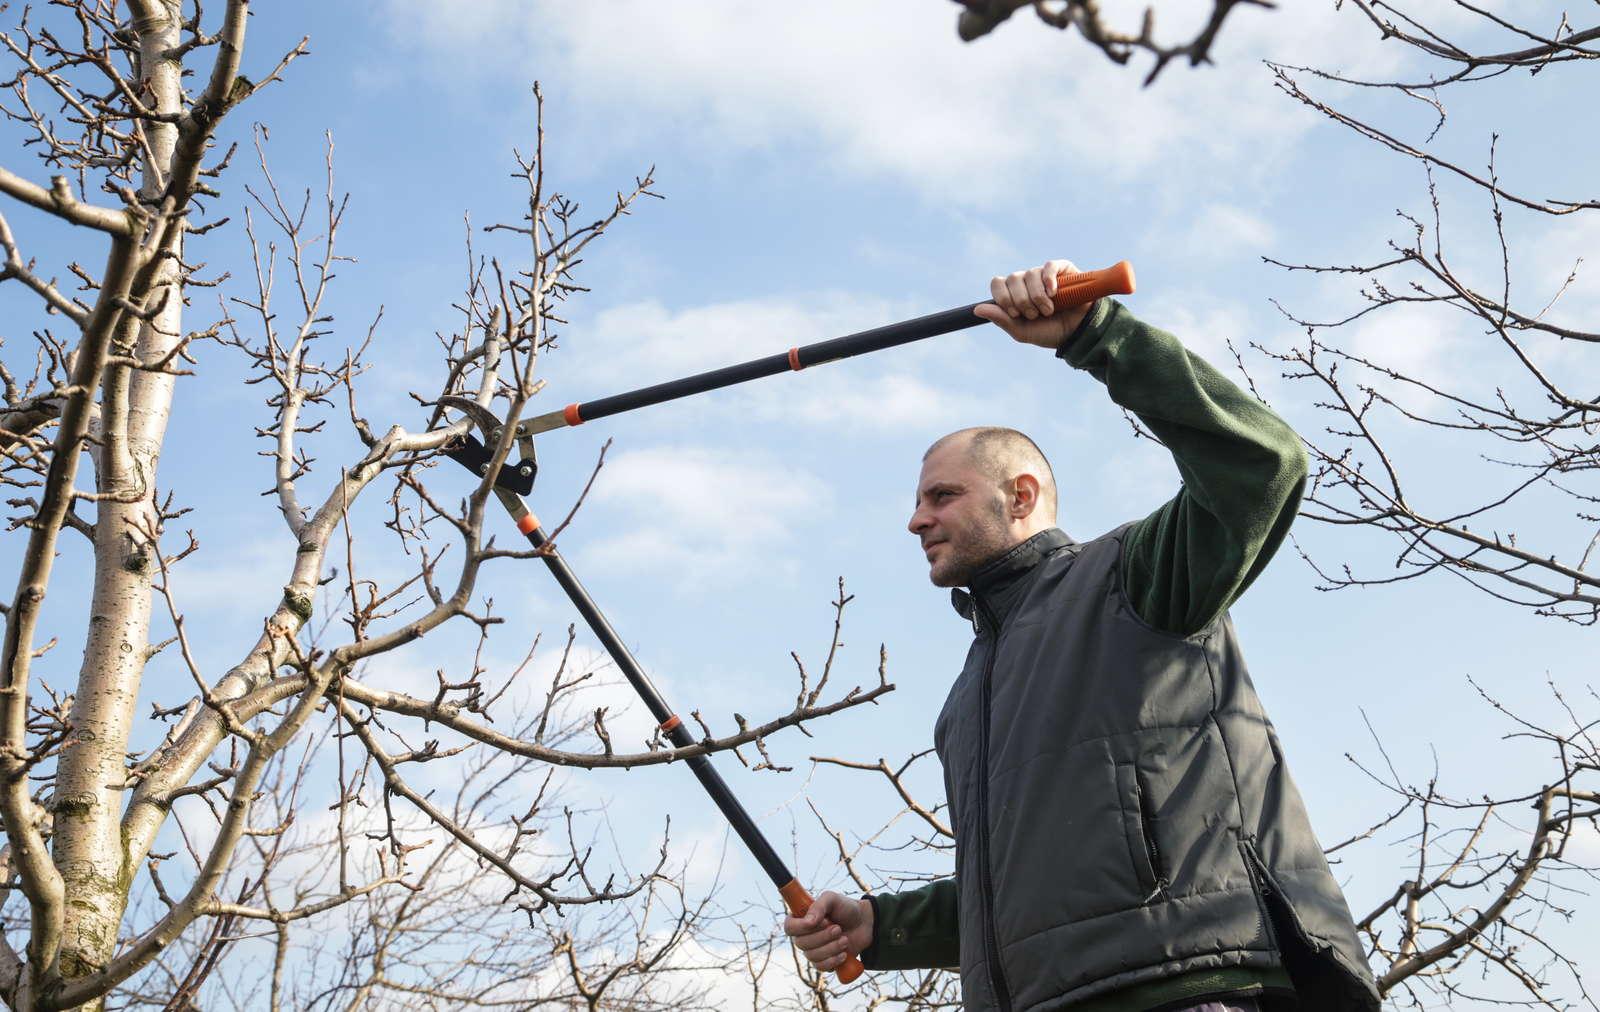 Fabelhaft Pflaumenbaum schneiden: Tipps vom Experten - Plantura @NT_18